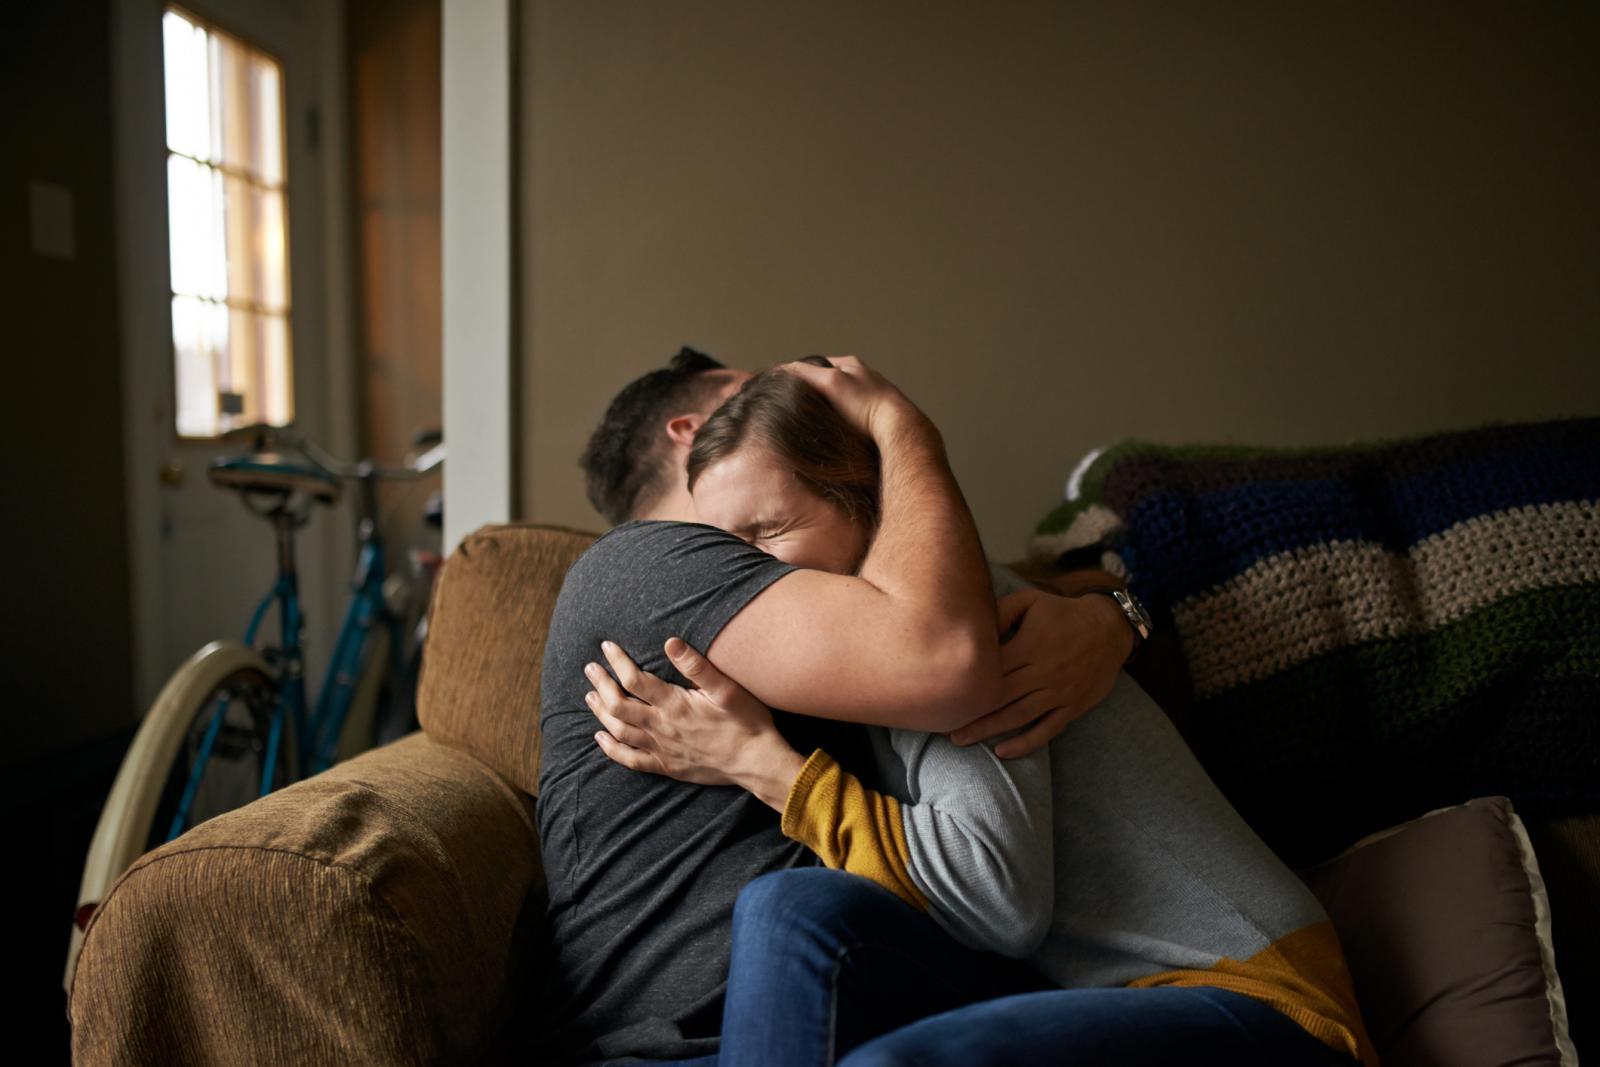 Često se događa u obiteljima gdje su roditelji pokazali slabost, ali ima ga u svim socijalnim skupinama i gotovo u svakoj desetoj obitelji.